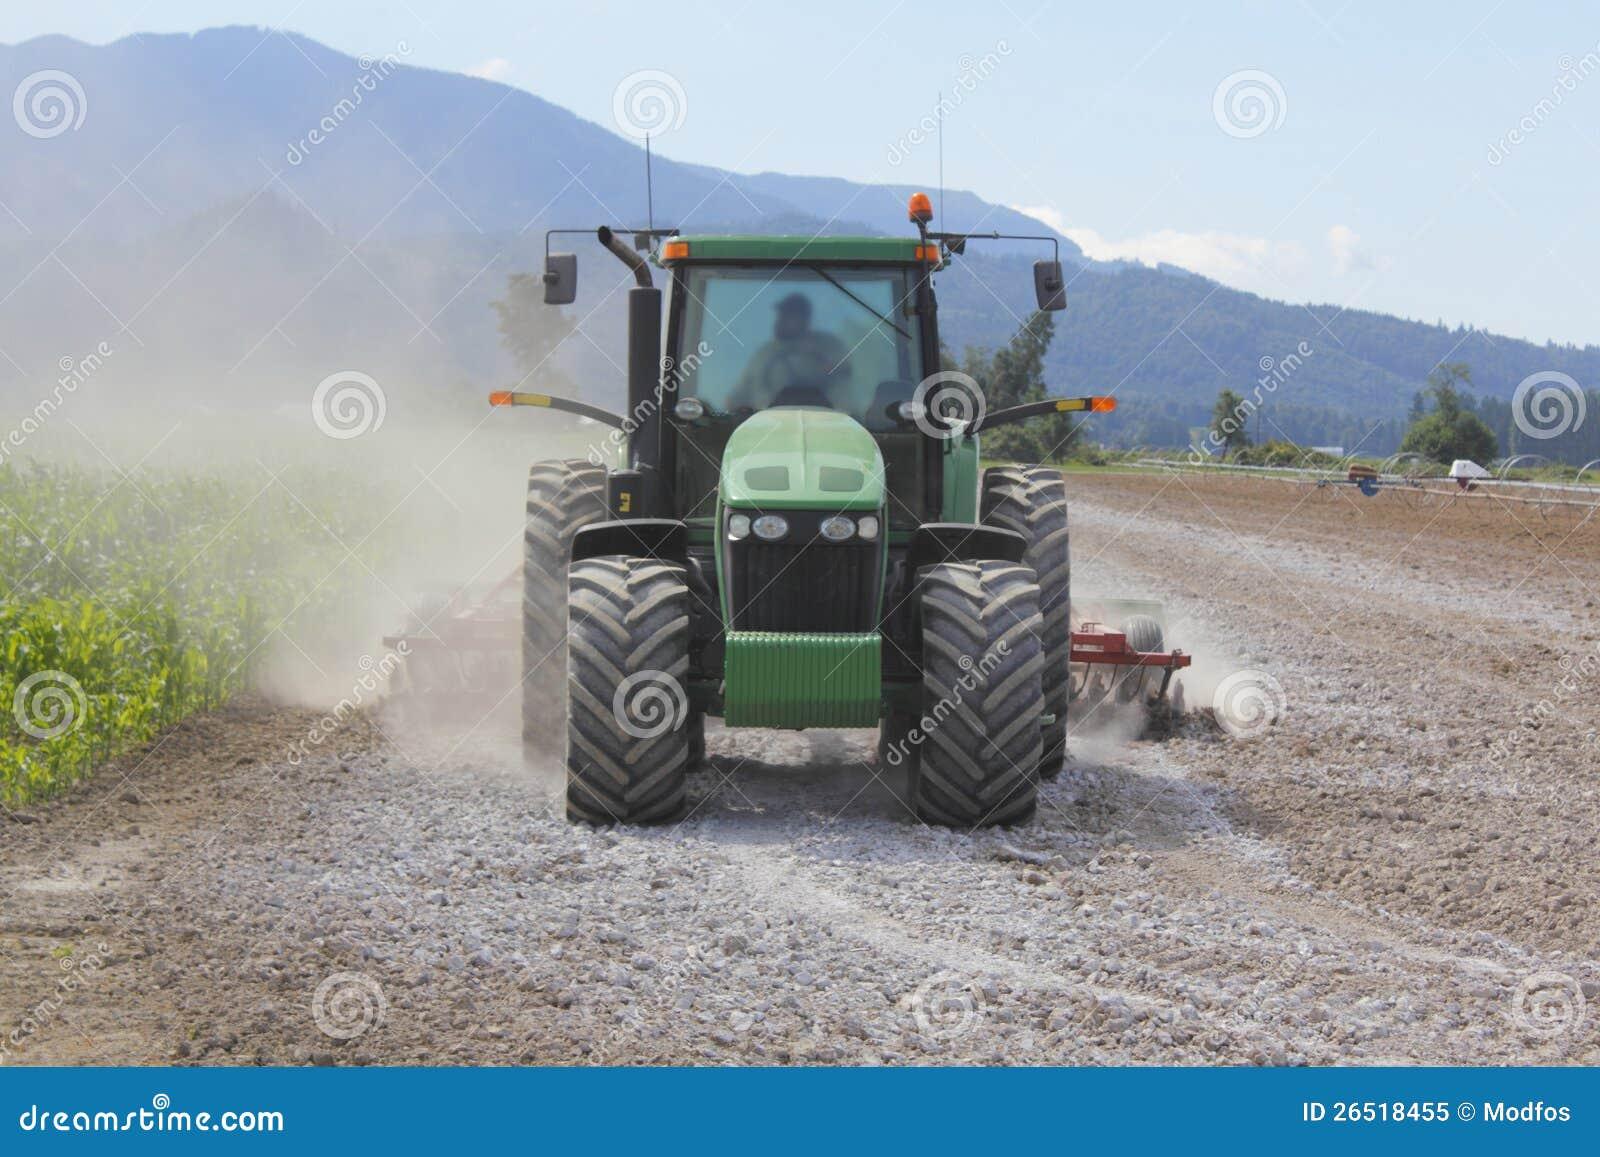 Kalken Des Feldes Stockbild Bild Von Boden Maschine 26518455